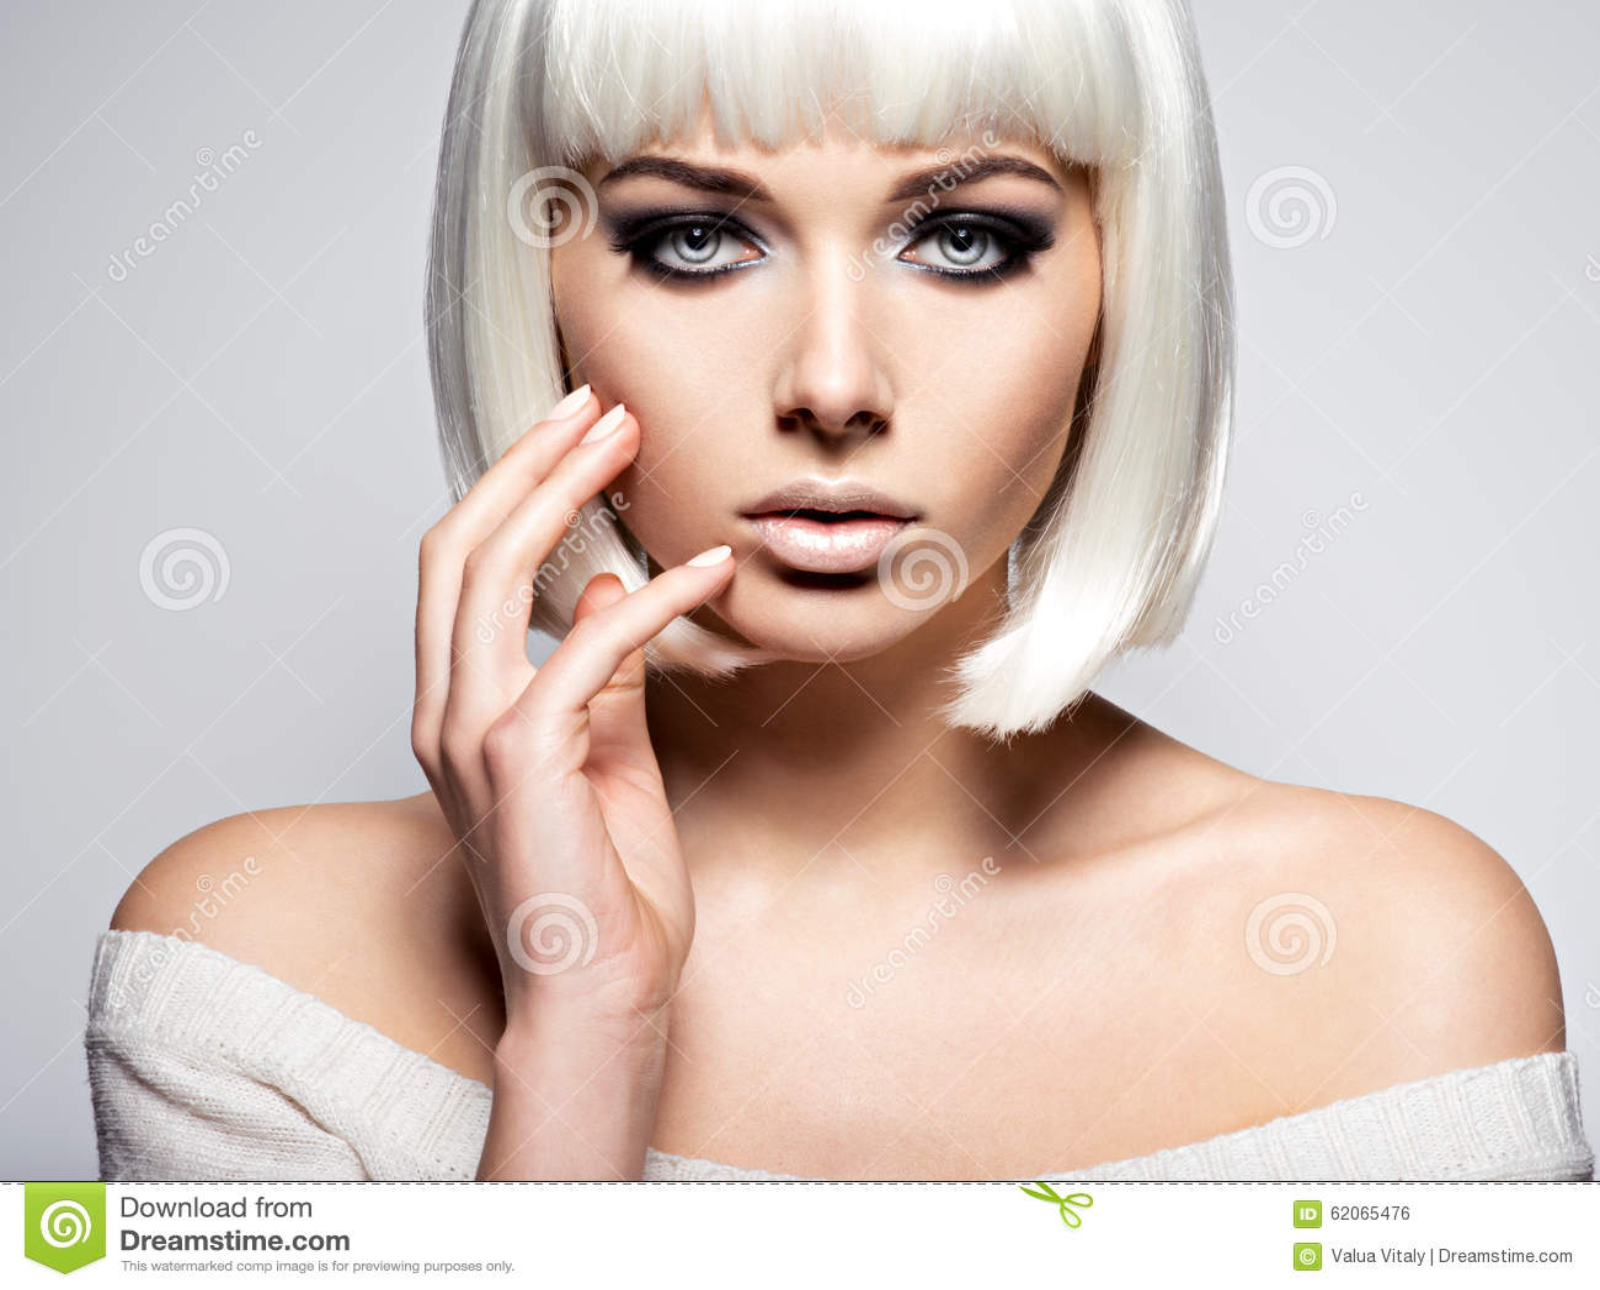 A Sample Makeup Artist Business Plan Template